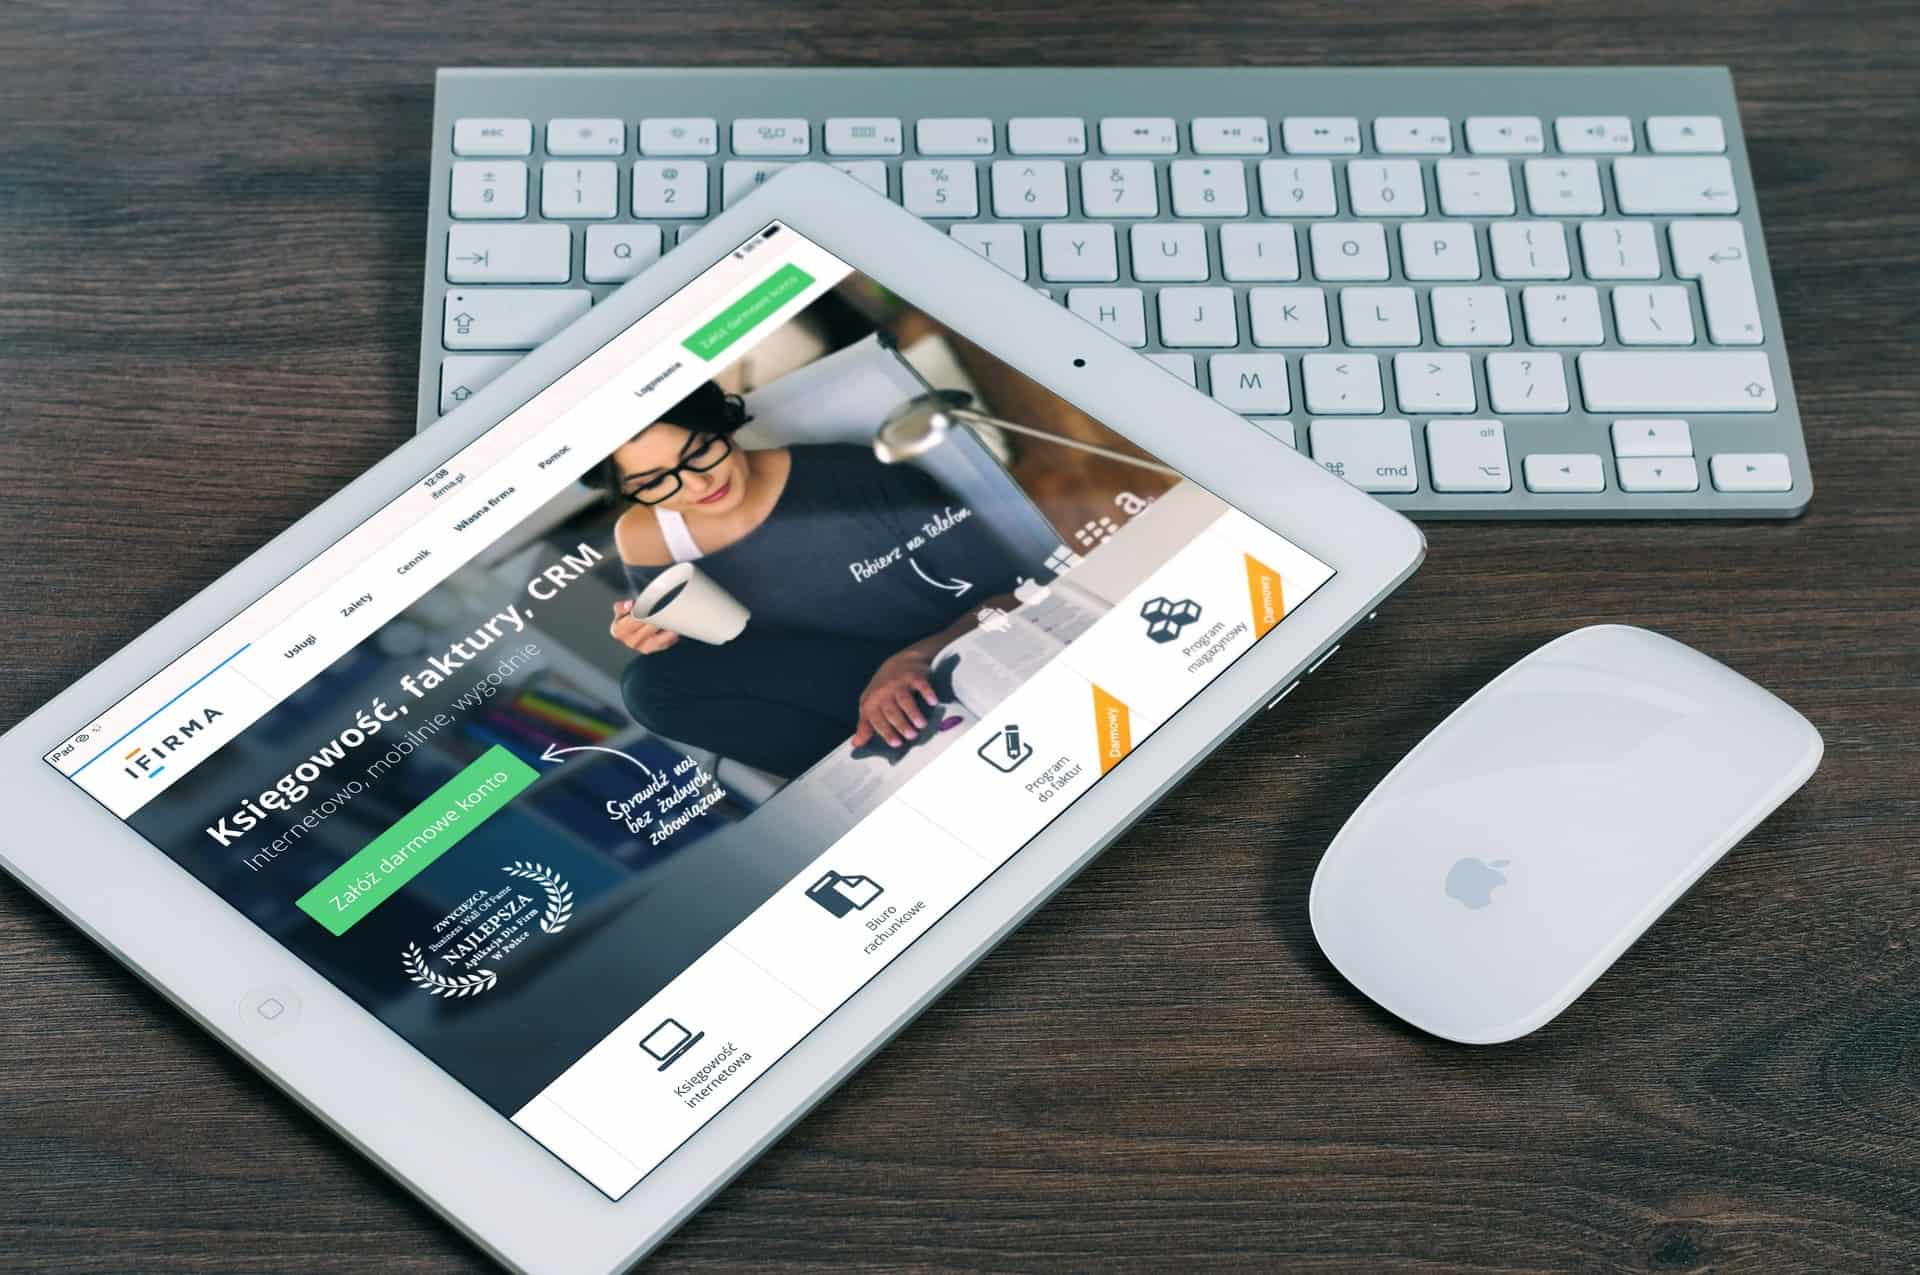 Tablet mit Tastatur: Test & Empfehlungen (10/20)